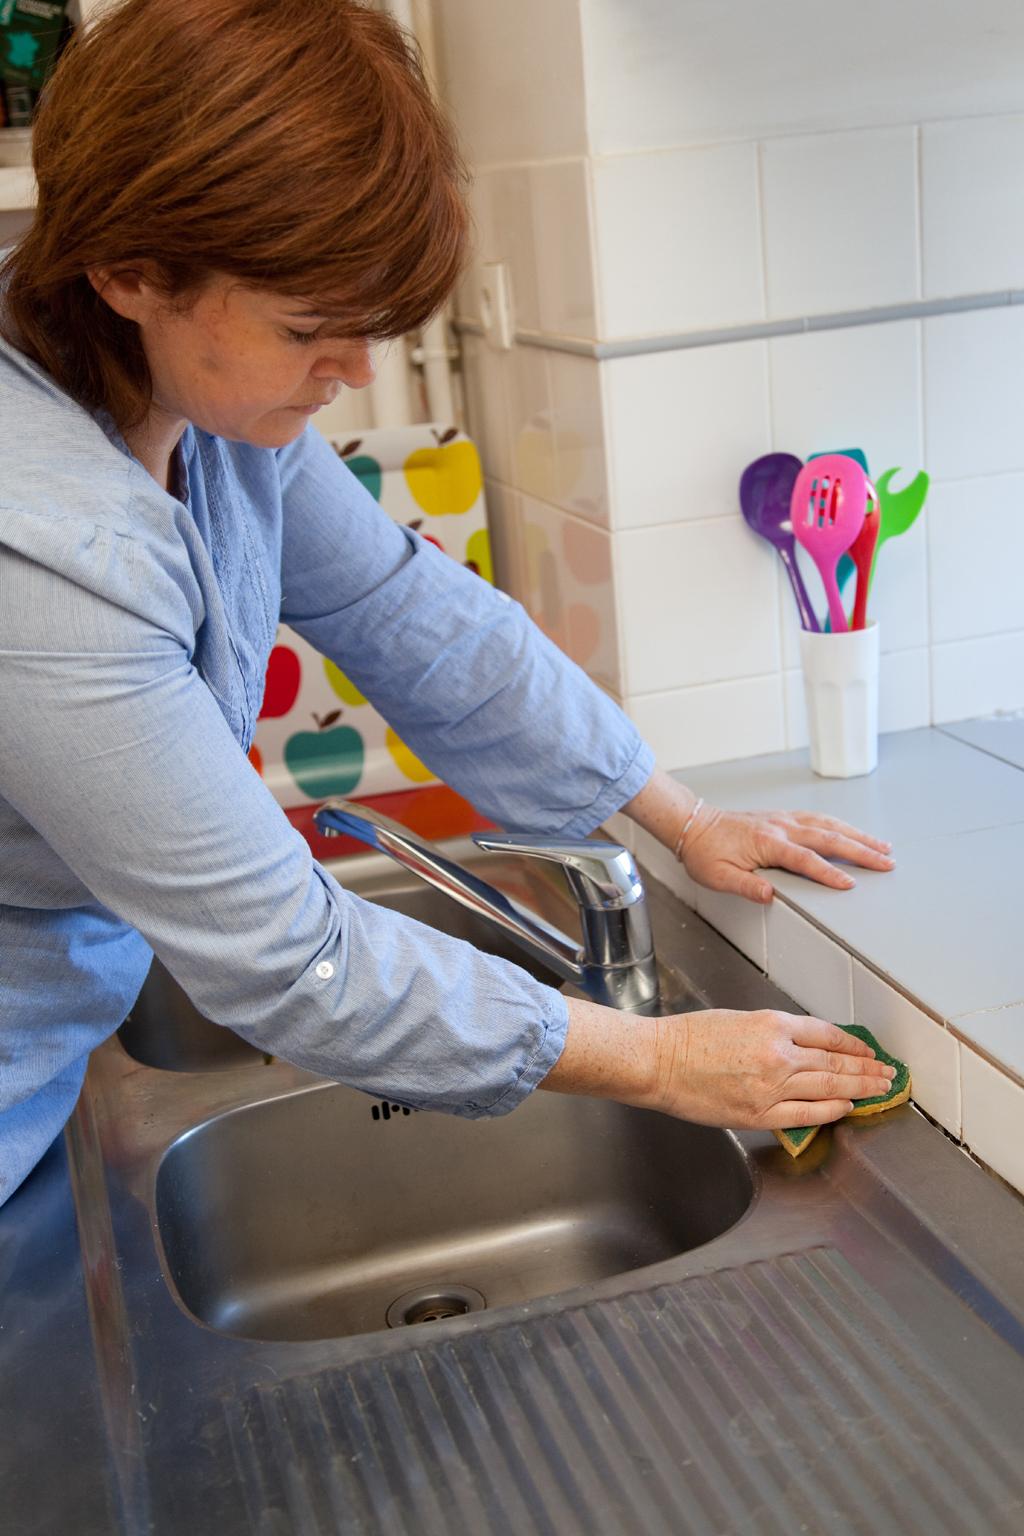 Changer le joint d'un évier de cuisine